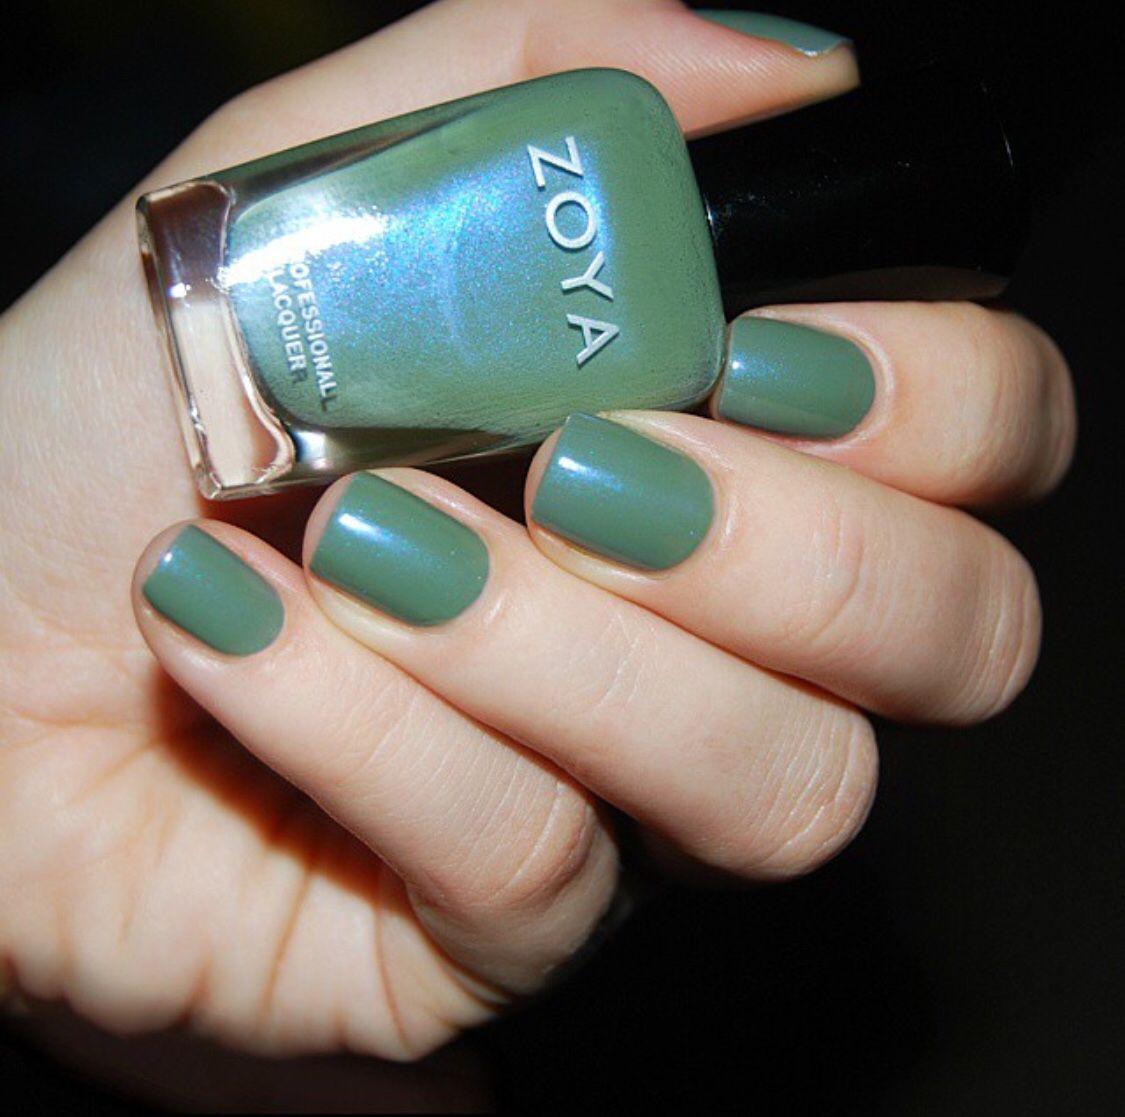 Pin by Mai on Nail polish | Nail polish, Nails, Polish